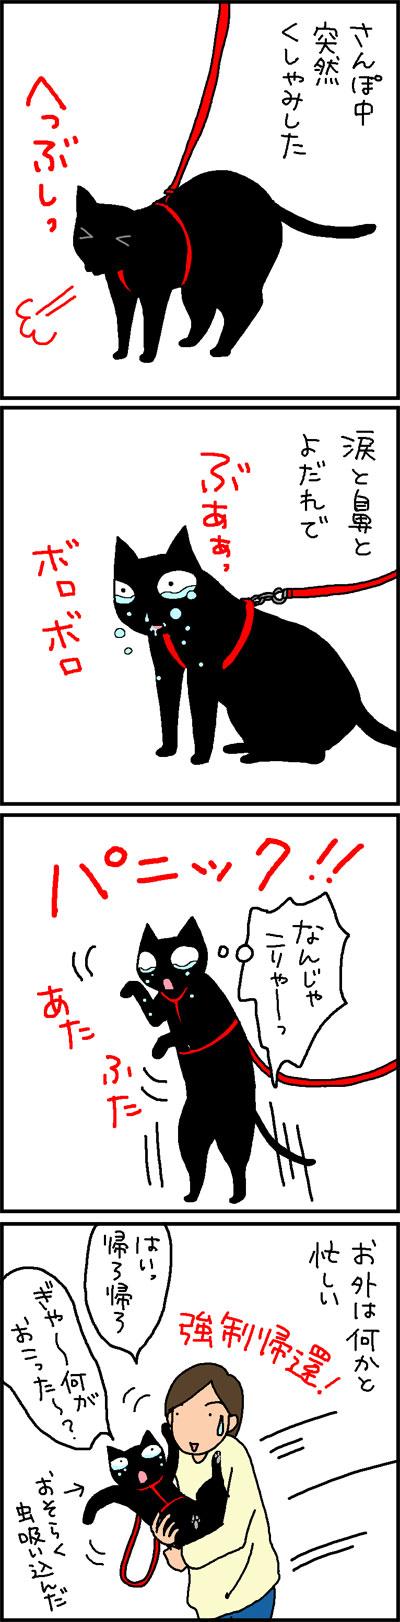 散歩中にパニックになる猫の4コマネコ漫画